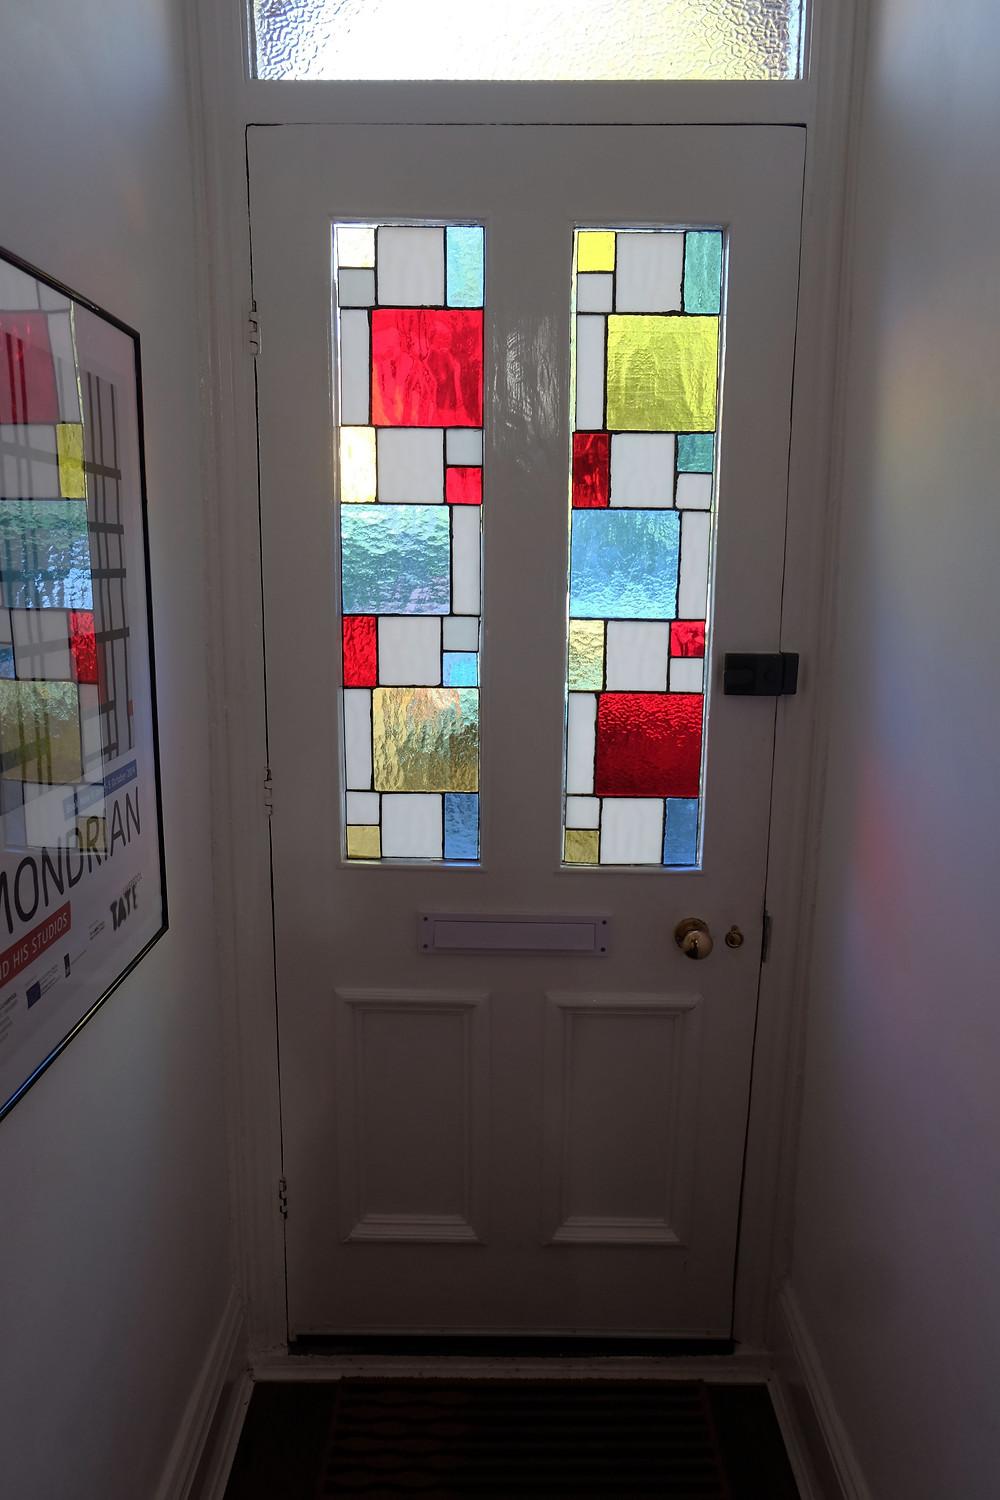 A Mondrian inspired door